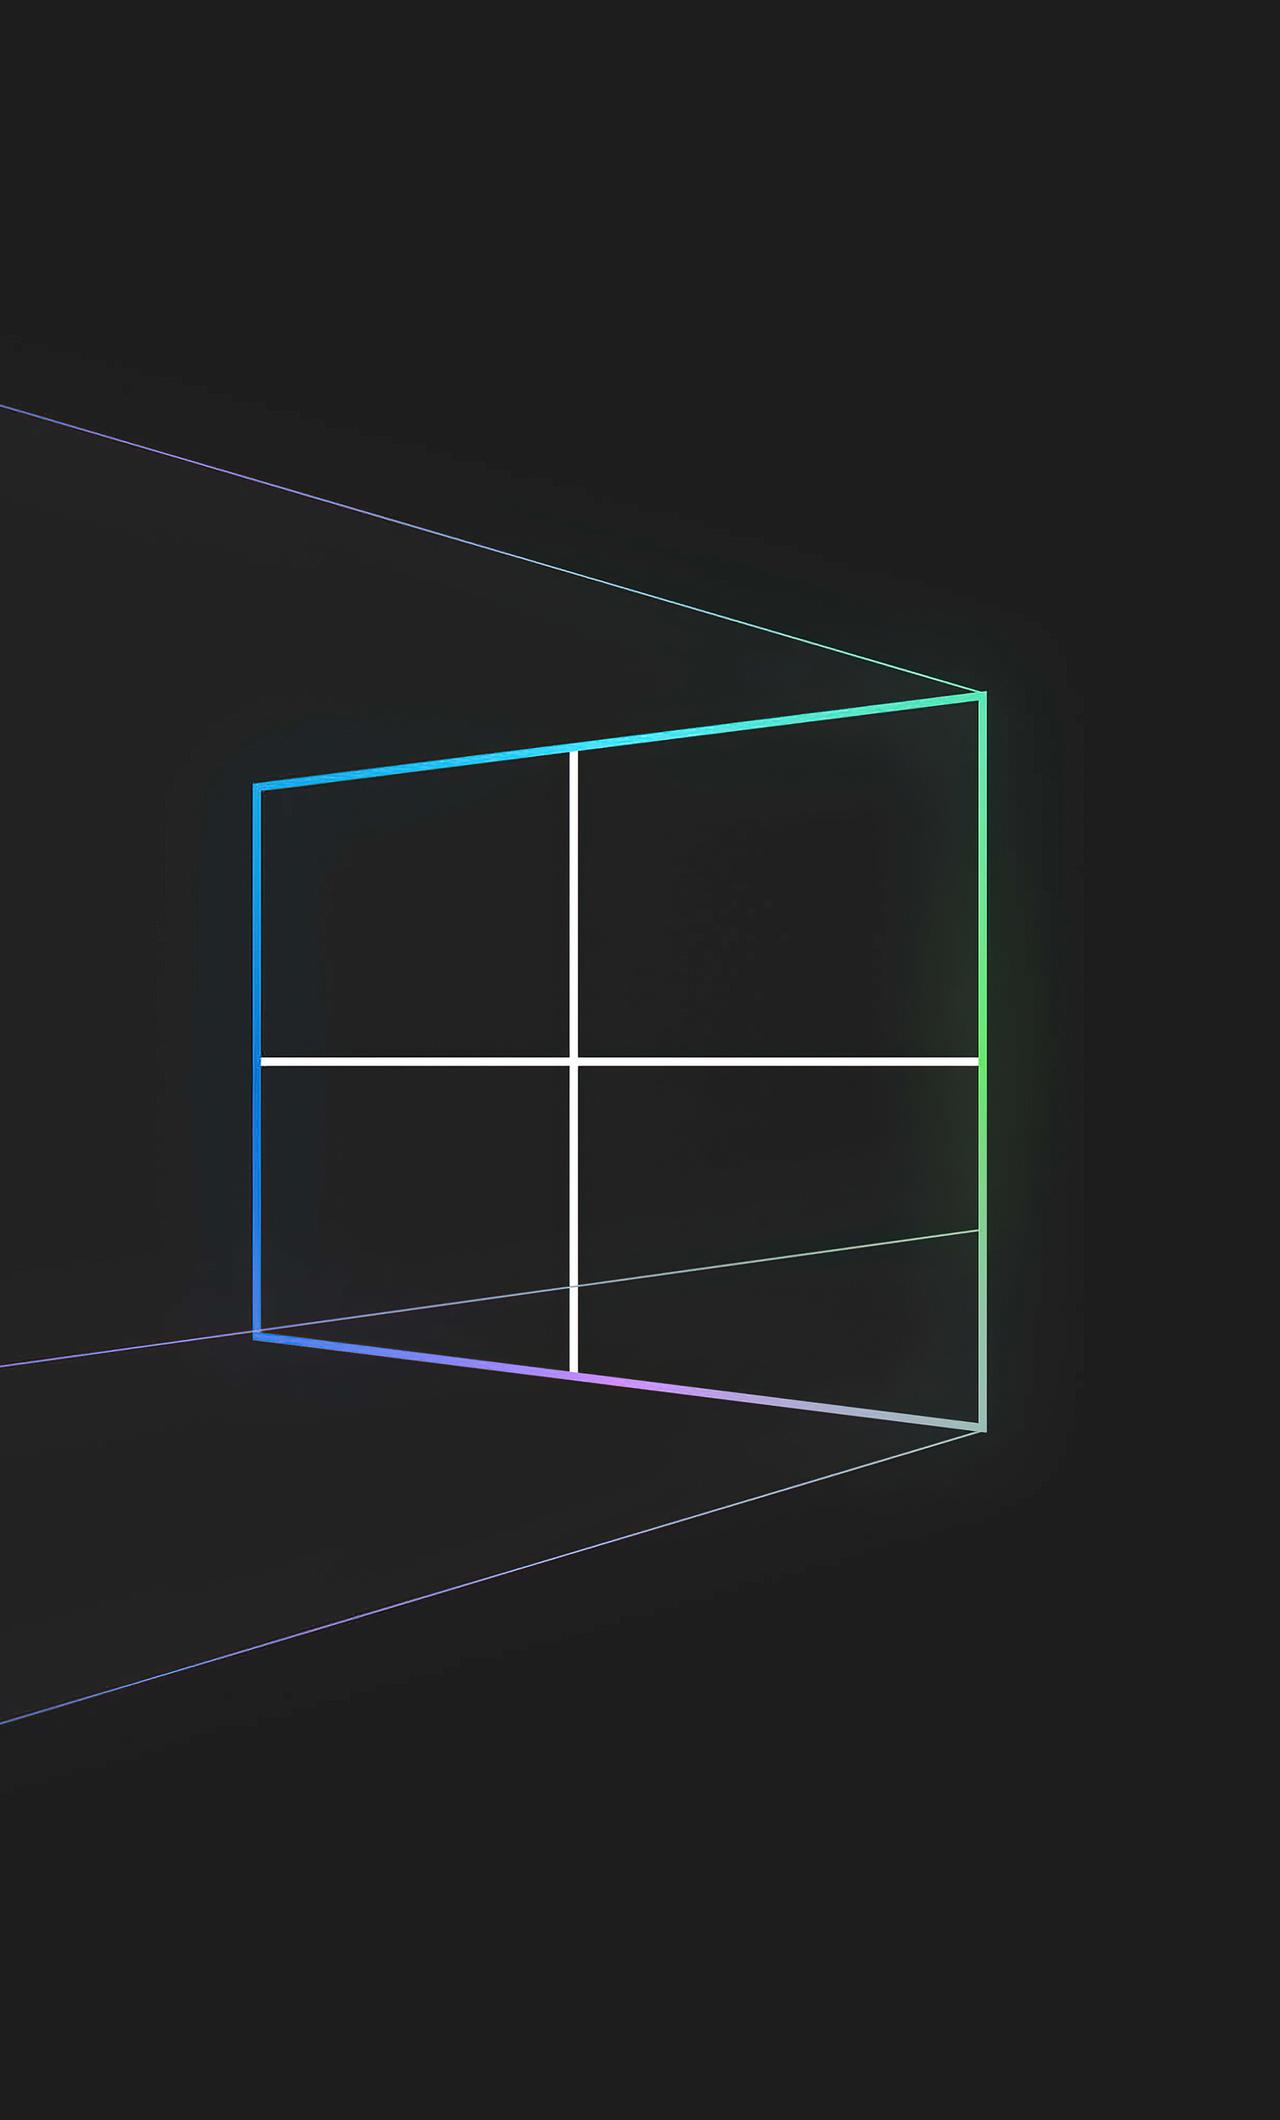 windows-10-minimal-simple-5k-28.jpg